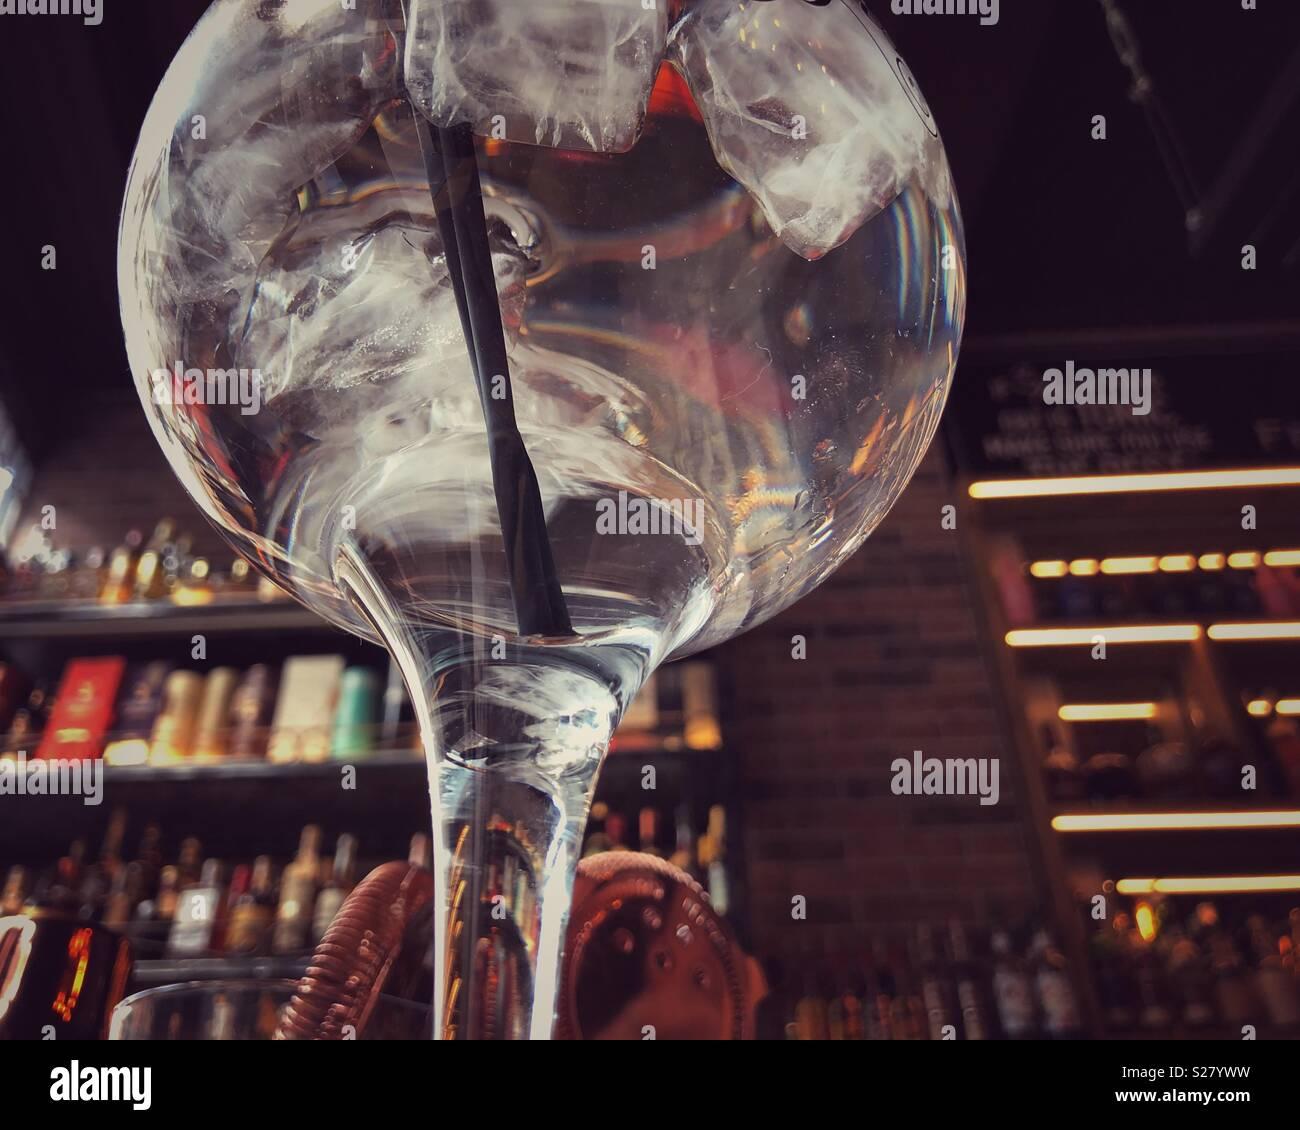 Ansicht von unten, von einem Gin Glas auf einen Stehtisch. Stockbild